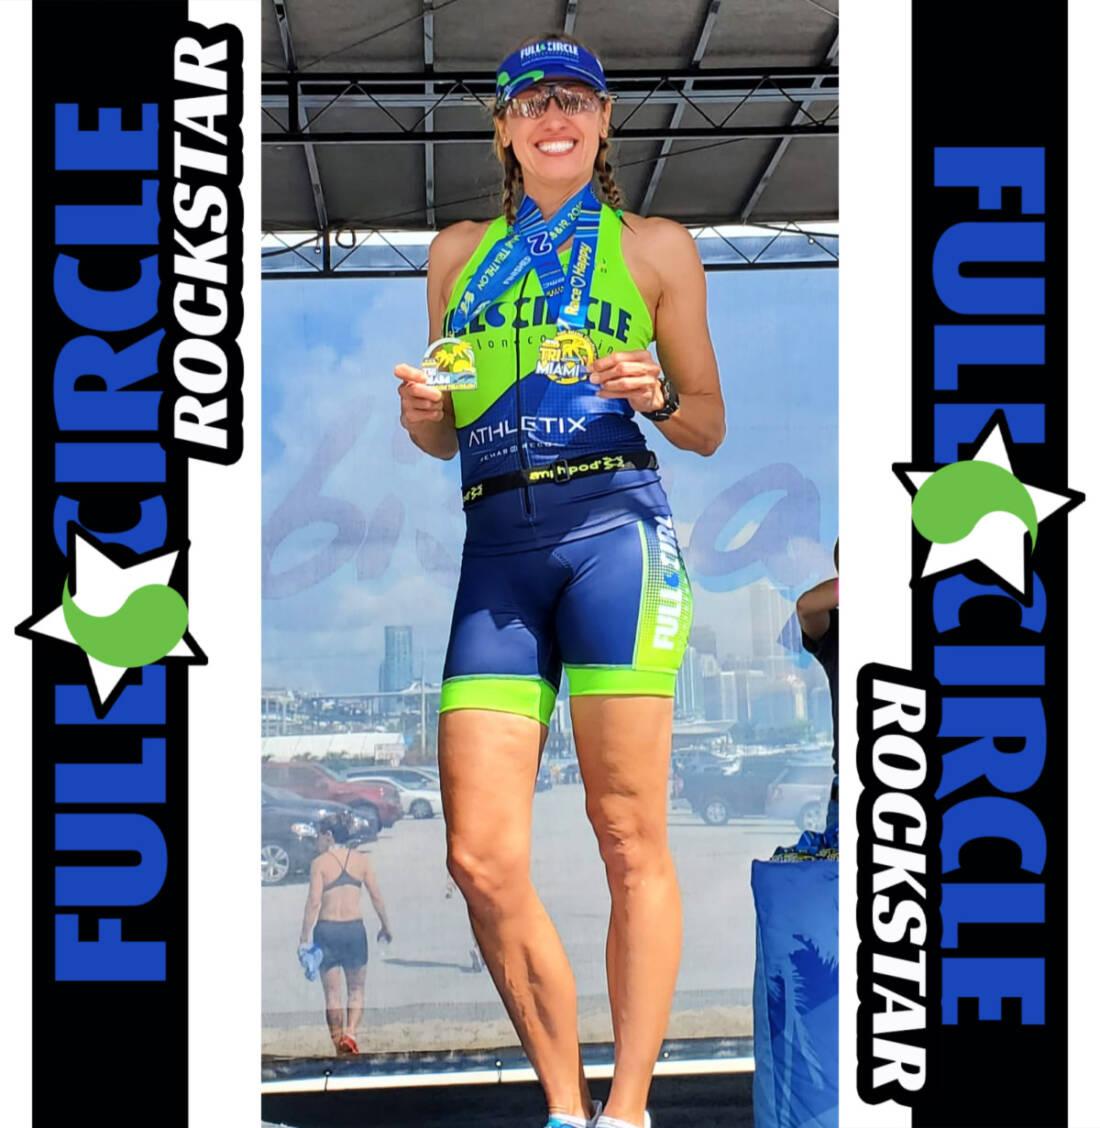 Rockstar Triathlete Terri Camejo